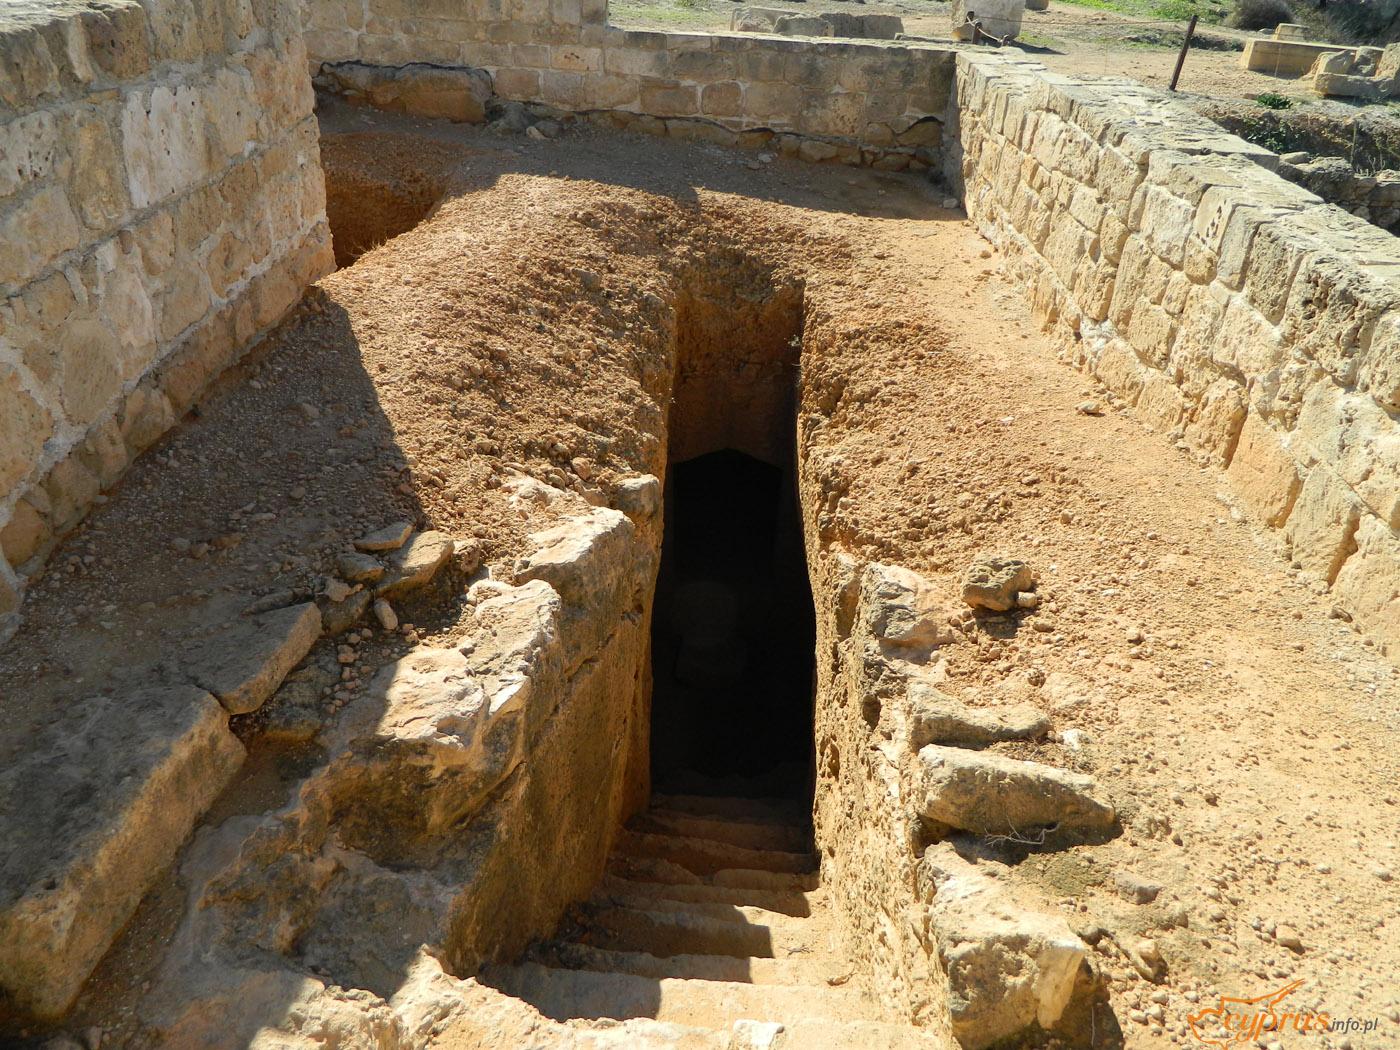 Grobowce Królewskie Paphos